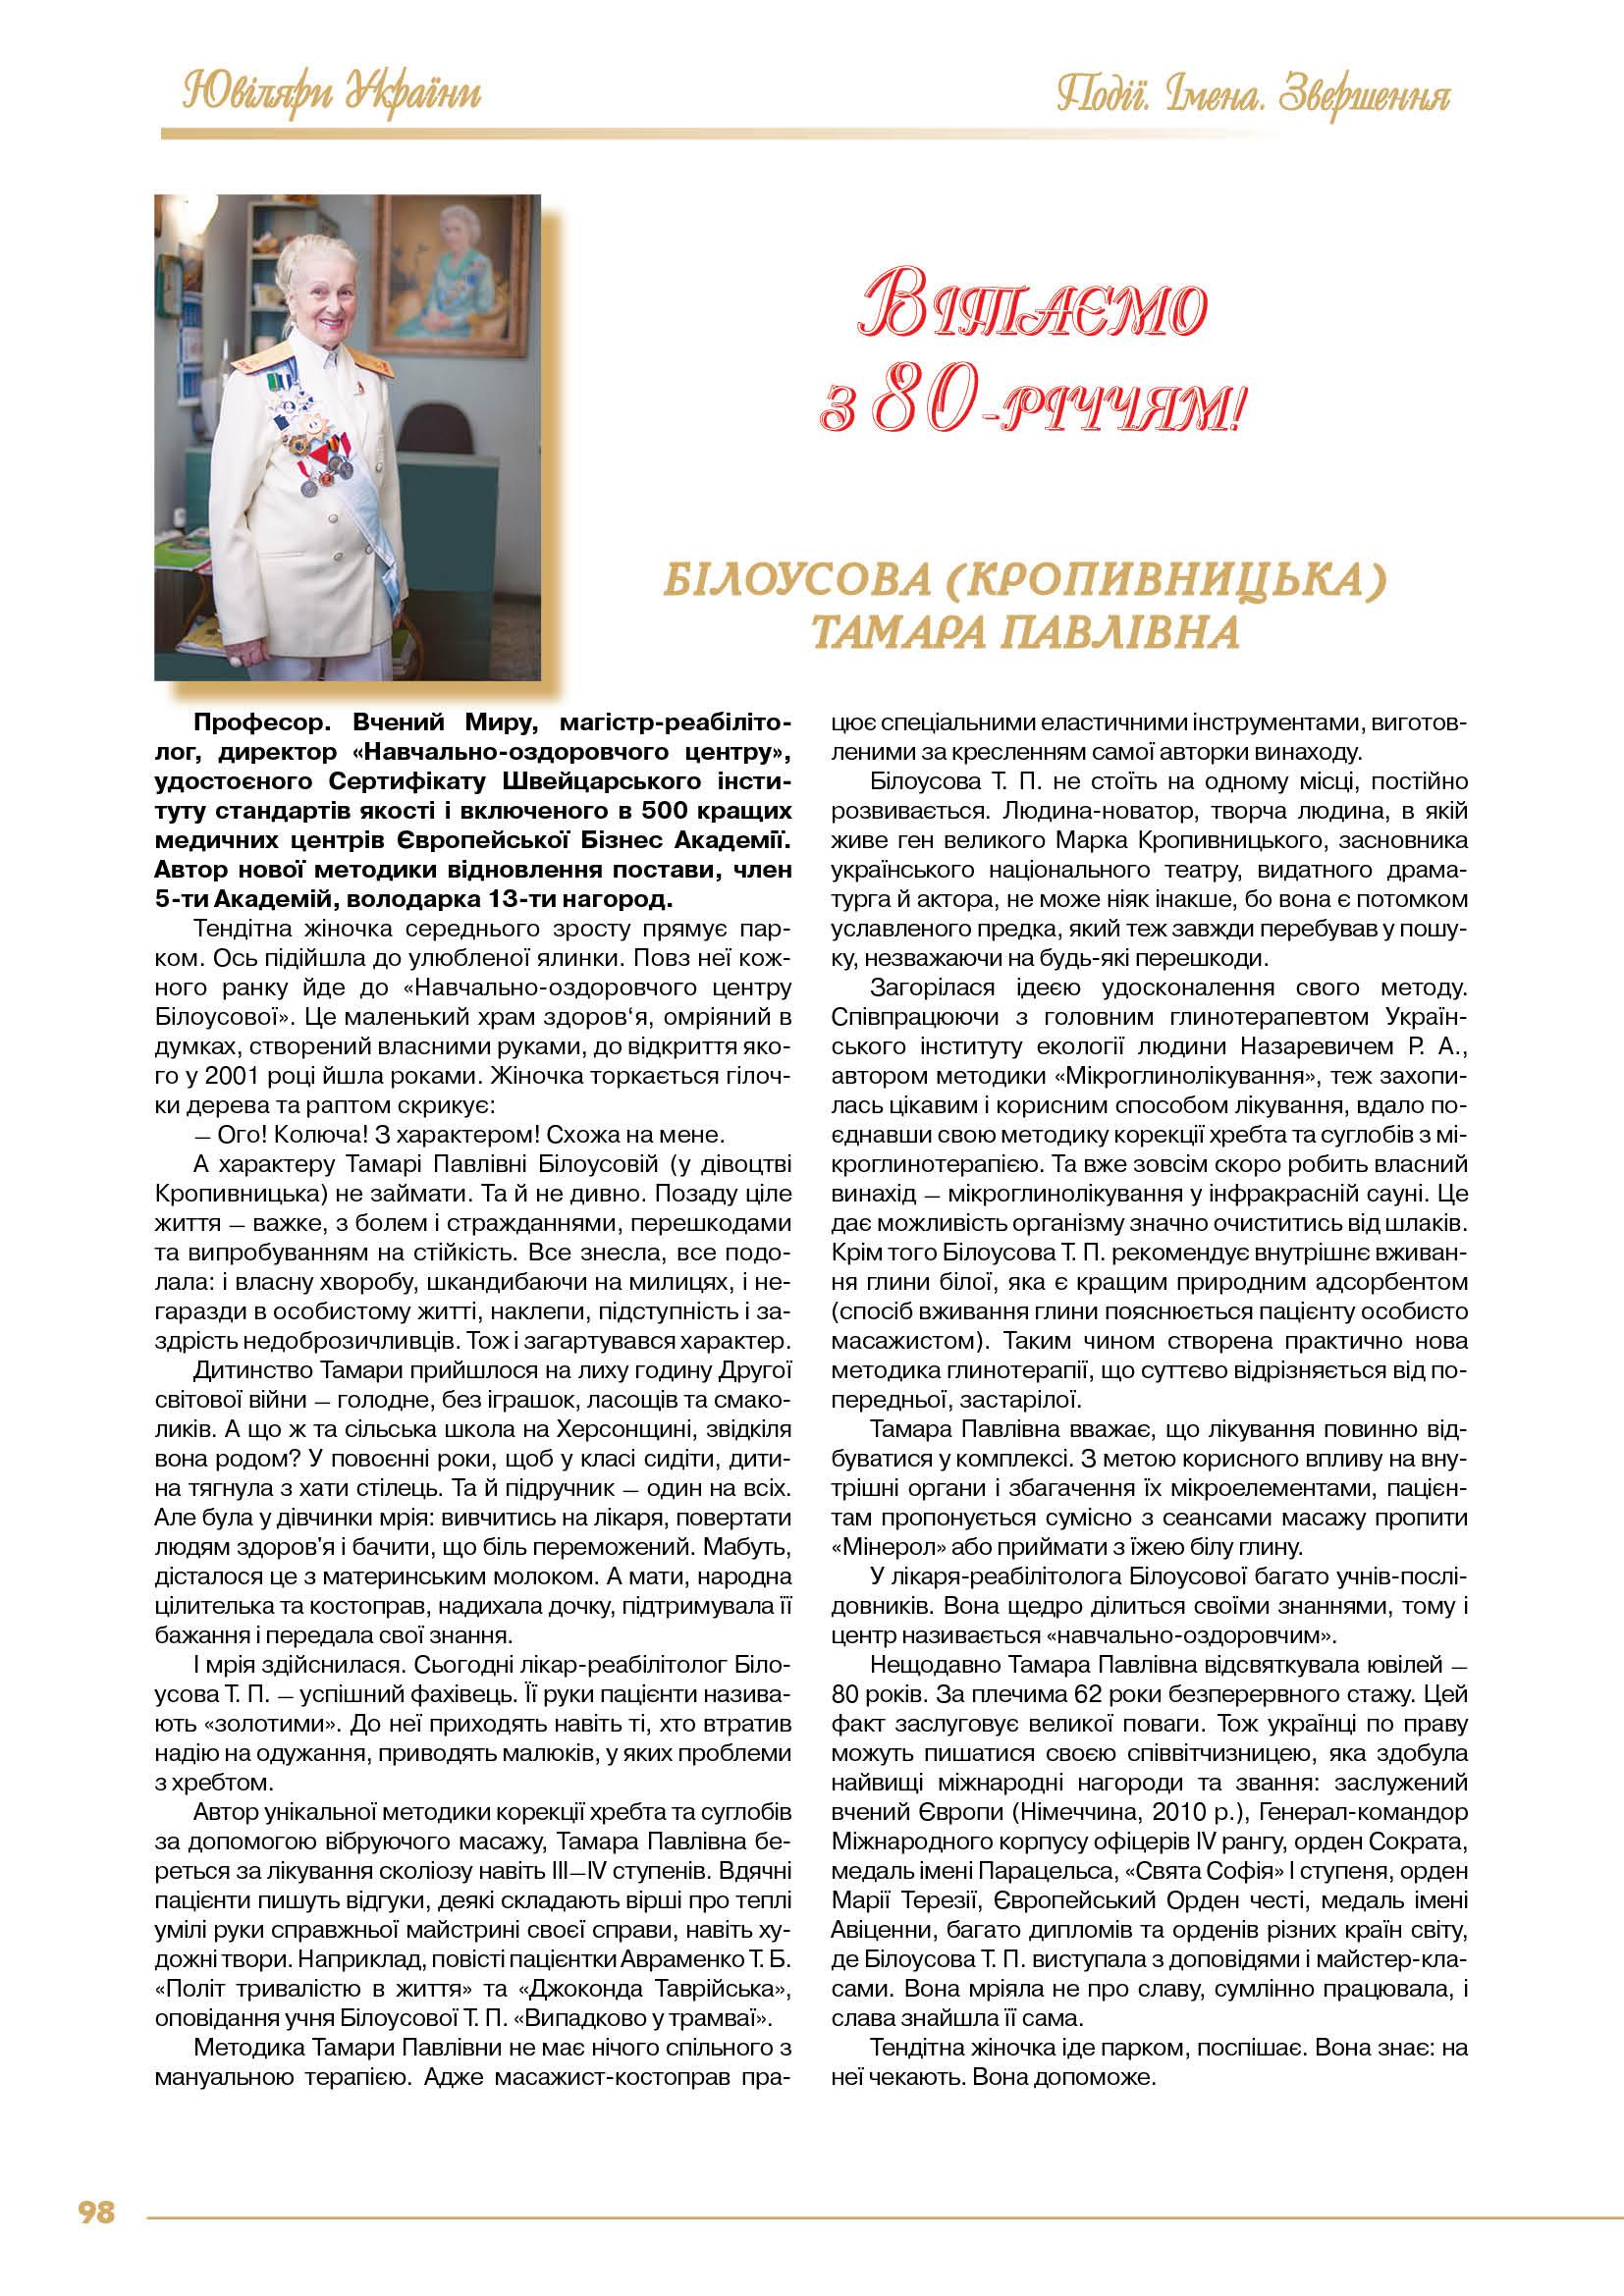 Білоусова (Кропивницька) Тамара Павлівна